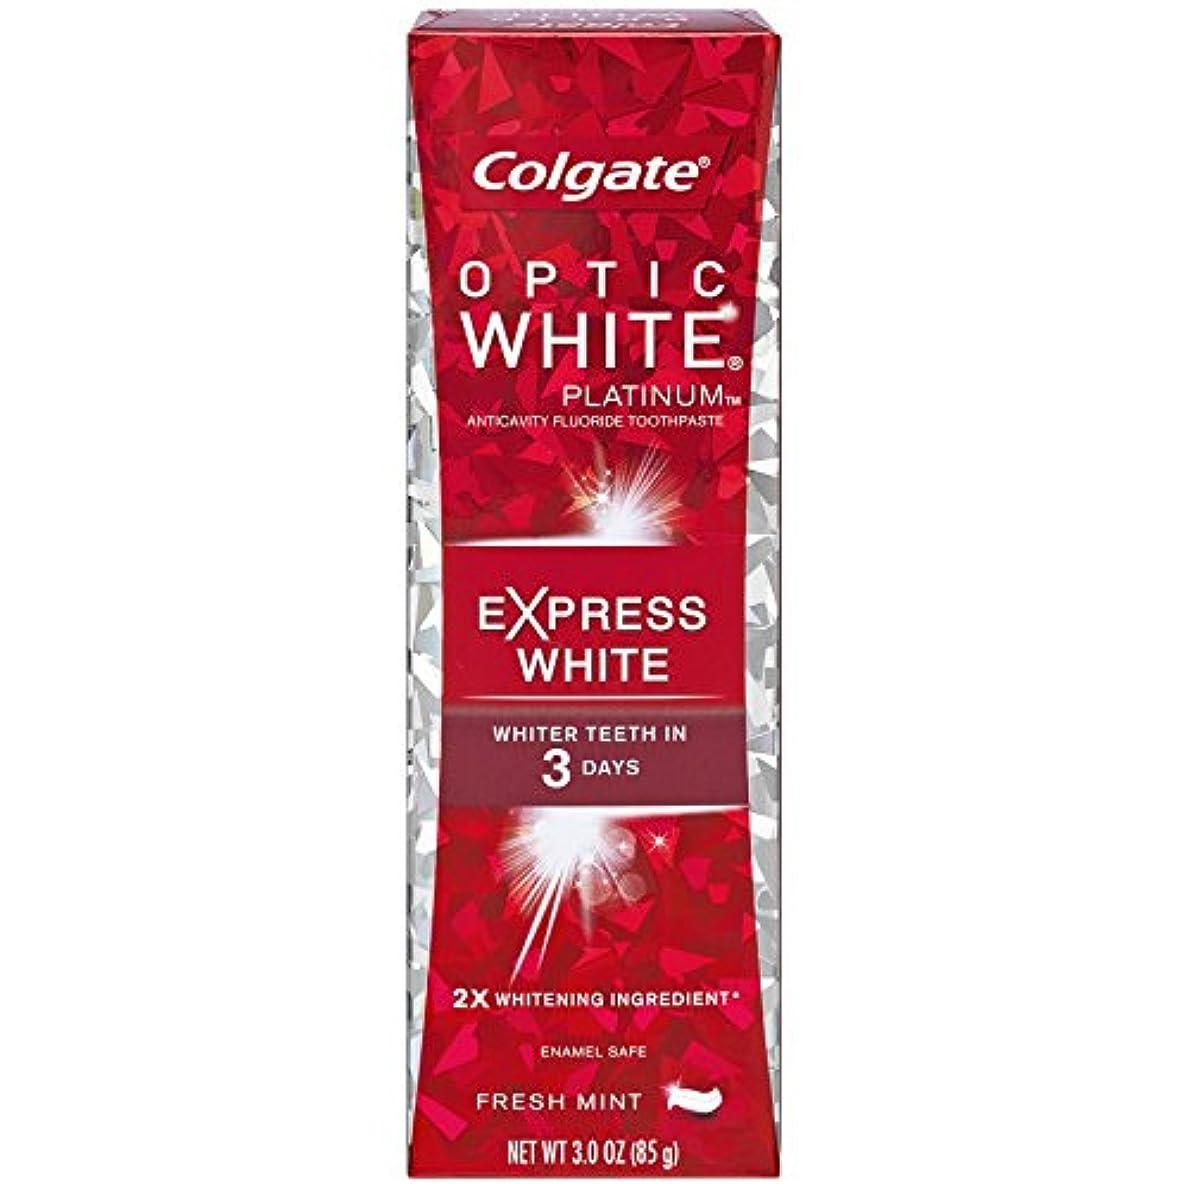 バランス違反シェルターコルゲート 歯みがき粉 オプティック ホワイト 3Days エクスプレス ホワイト